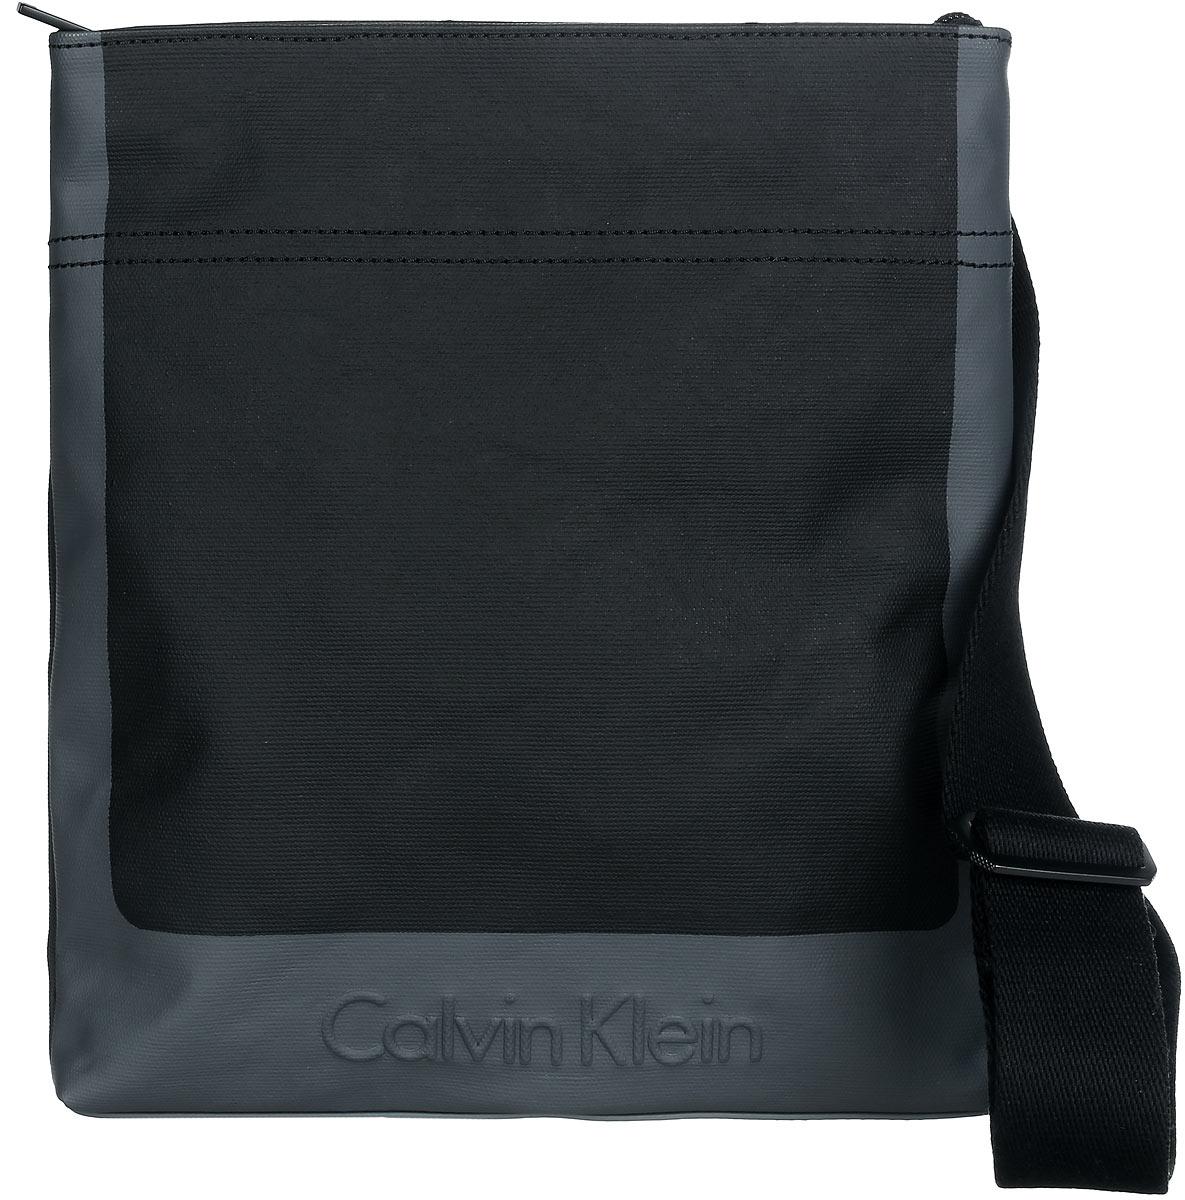 Сумка мужская Calvin Klein, цвет: черный, серый. K50K502156_0010